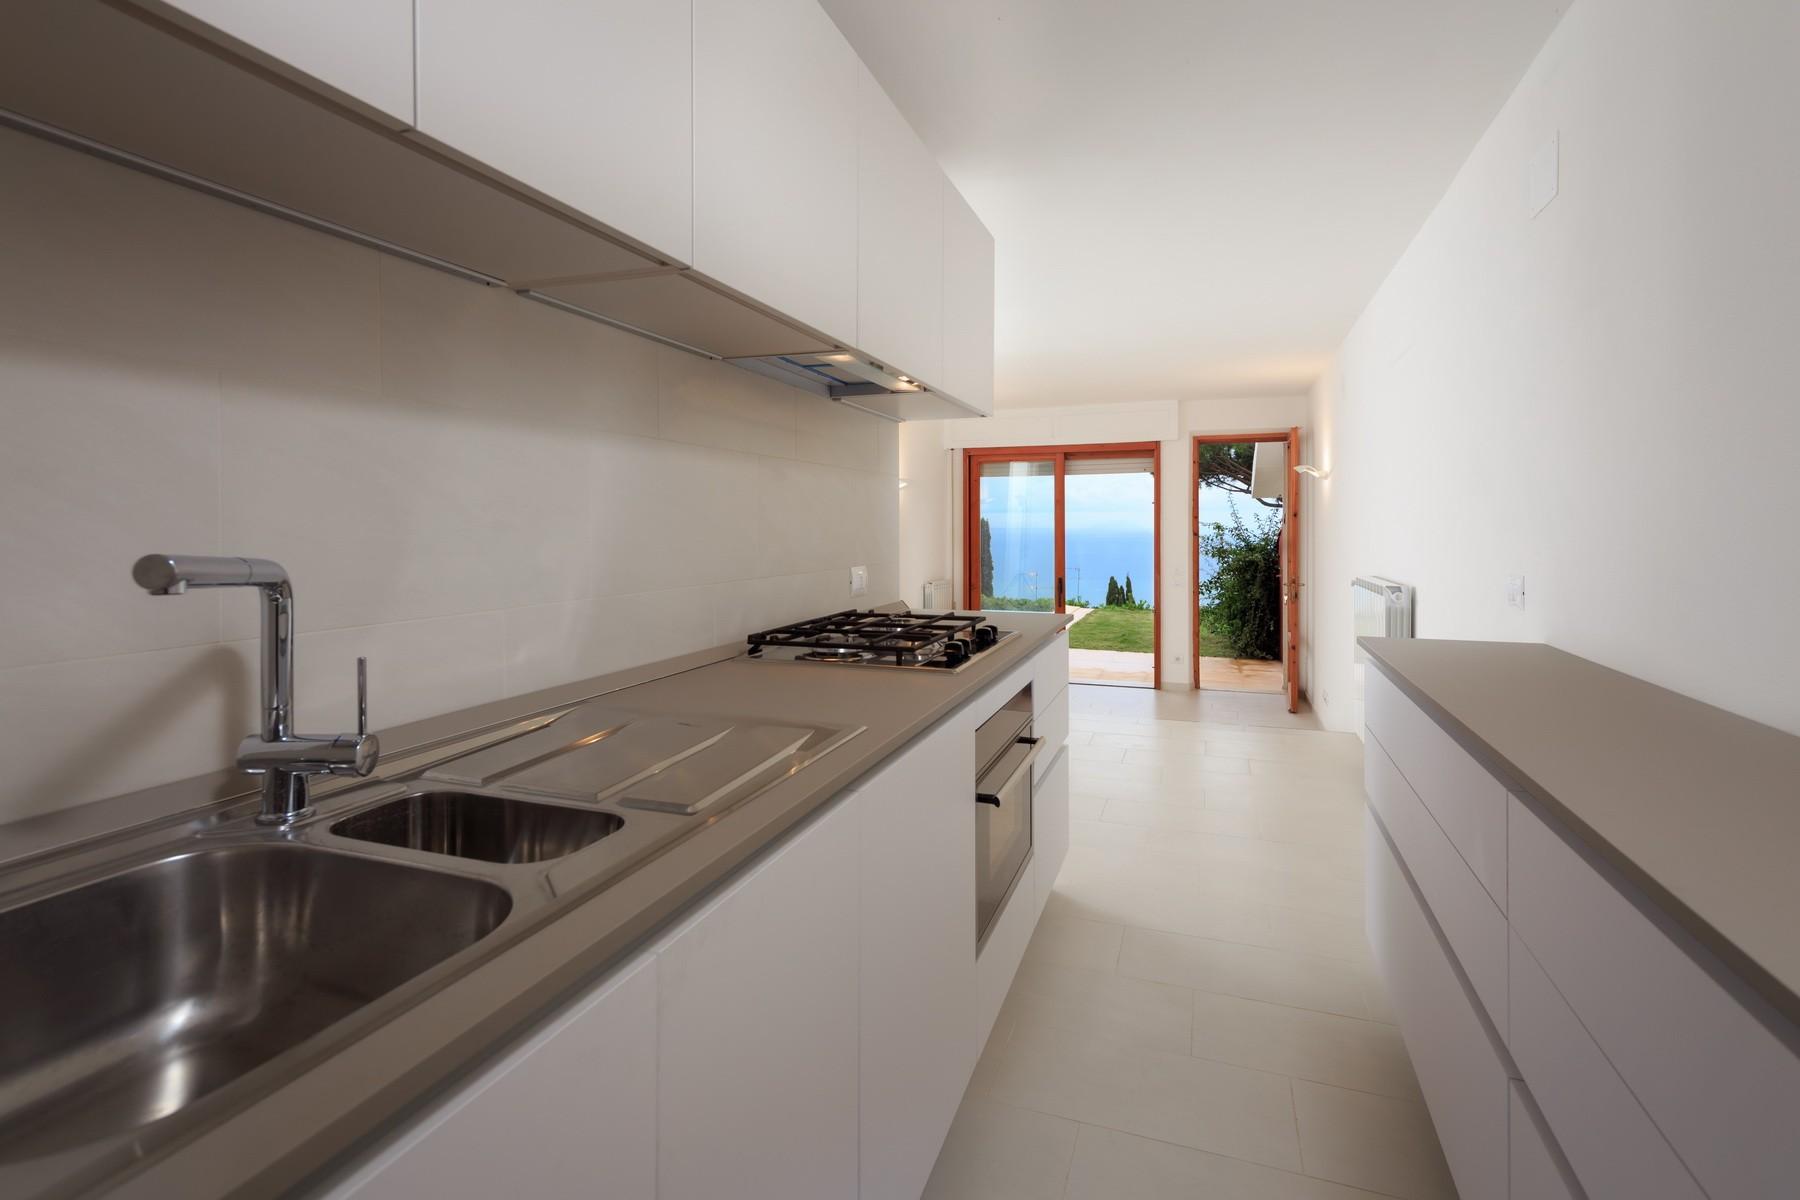 Casa indipendente in Vendita a Castiglione Della Pescaia: 4 locali, 80 mq - Foto 4